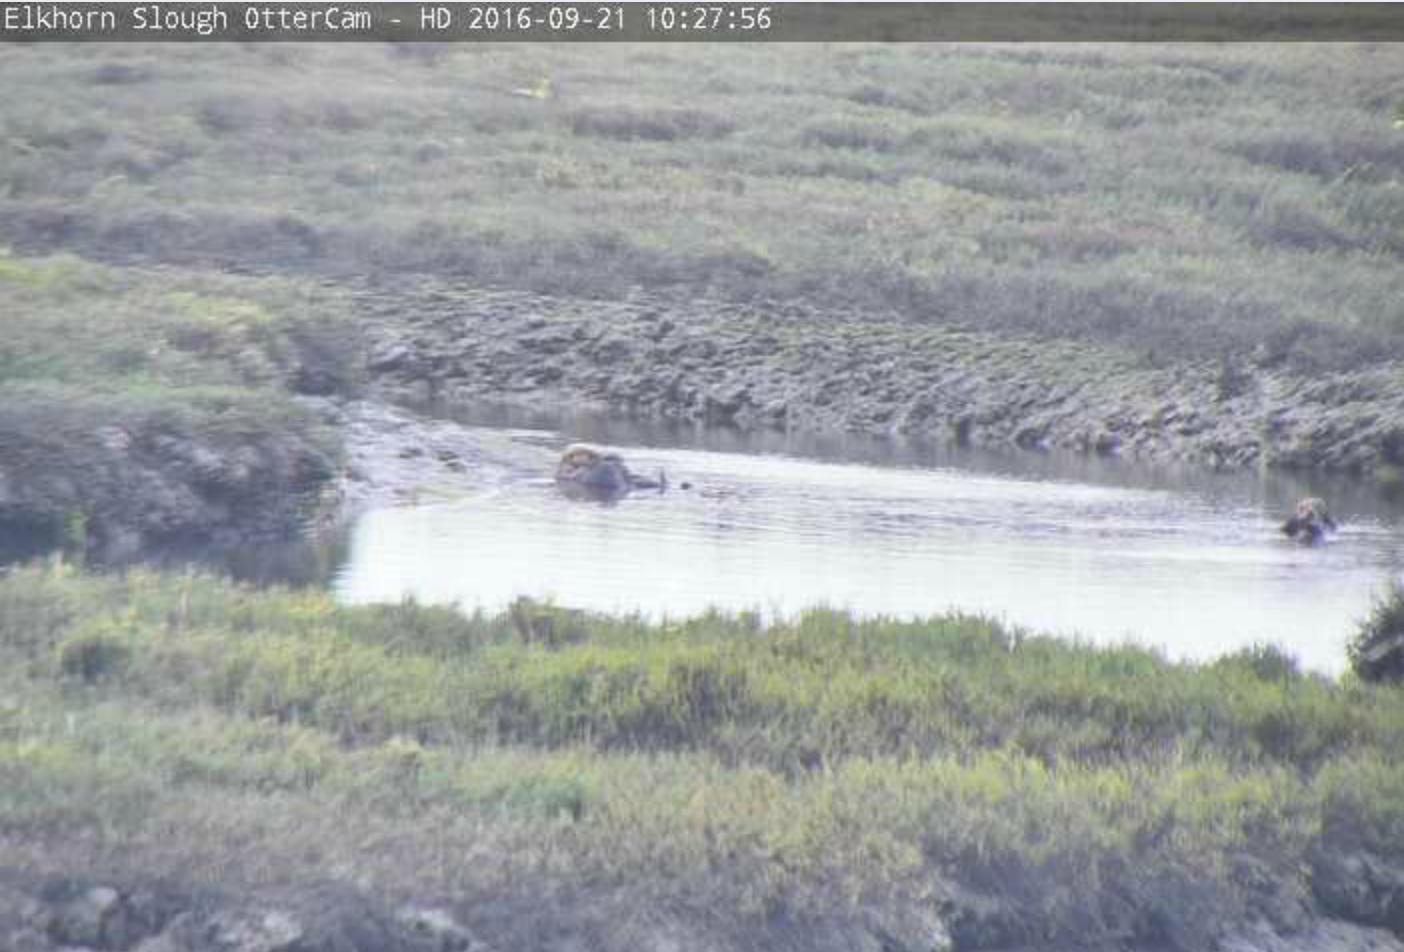 Elkhorn Slough OtterCam